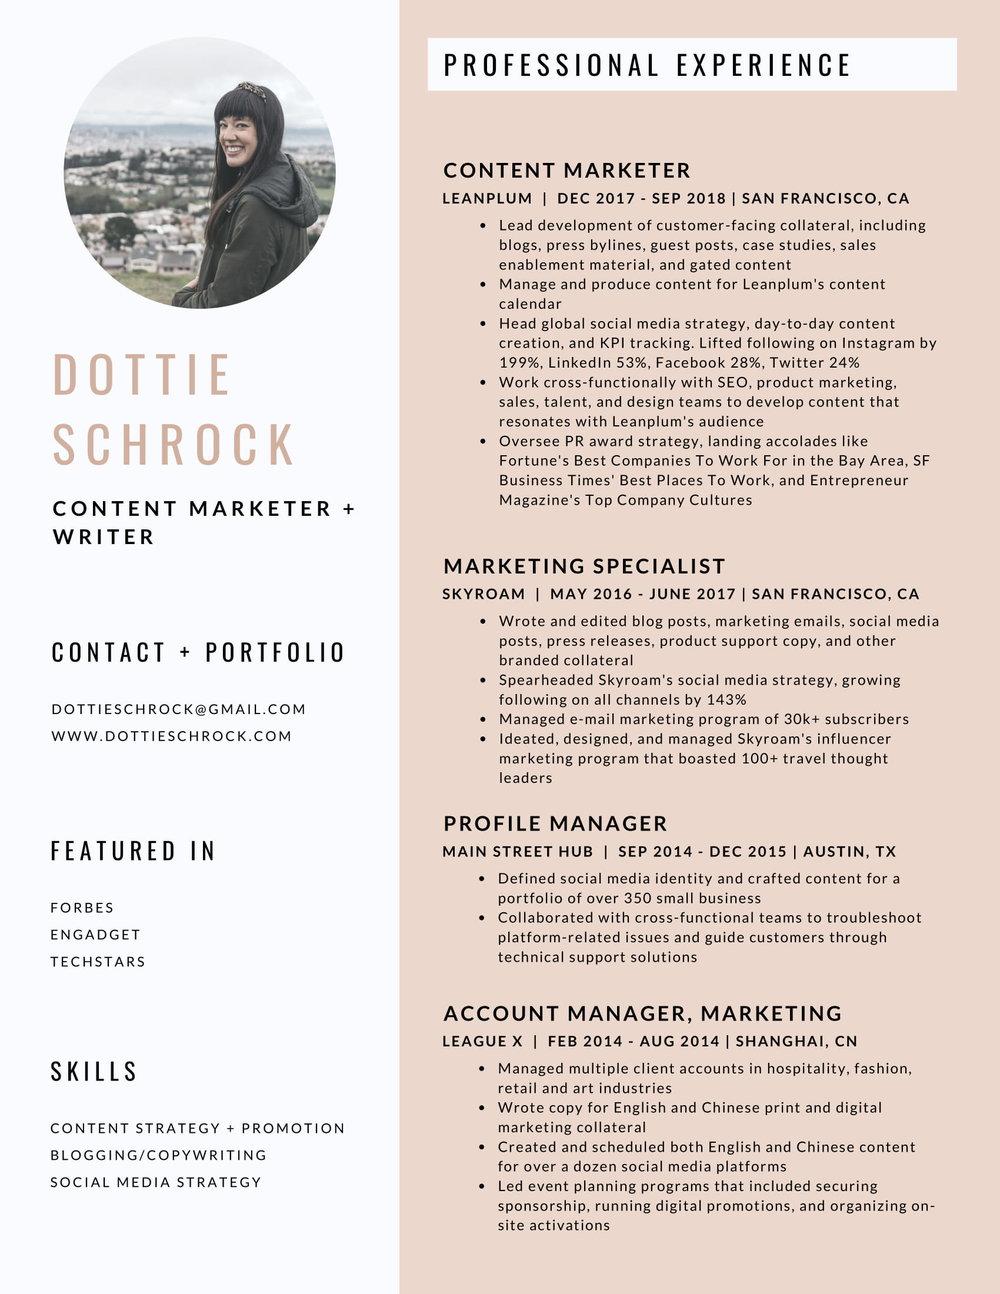 Resume Dottie Schrock